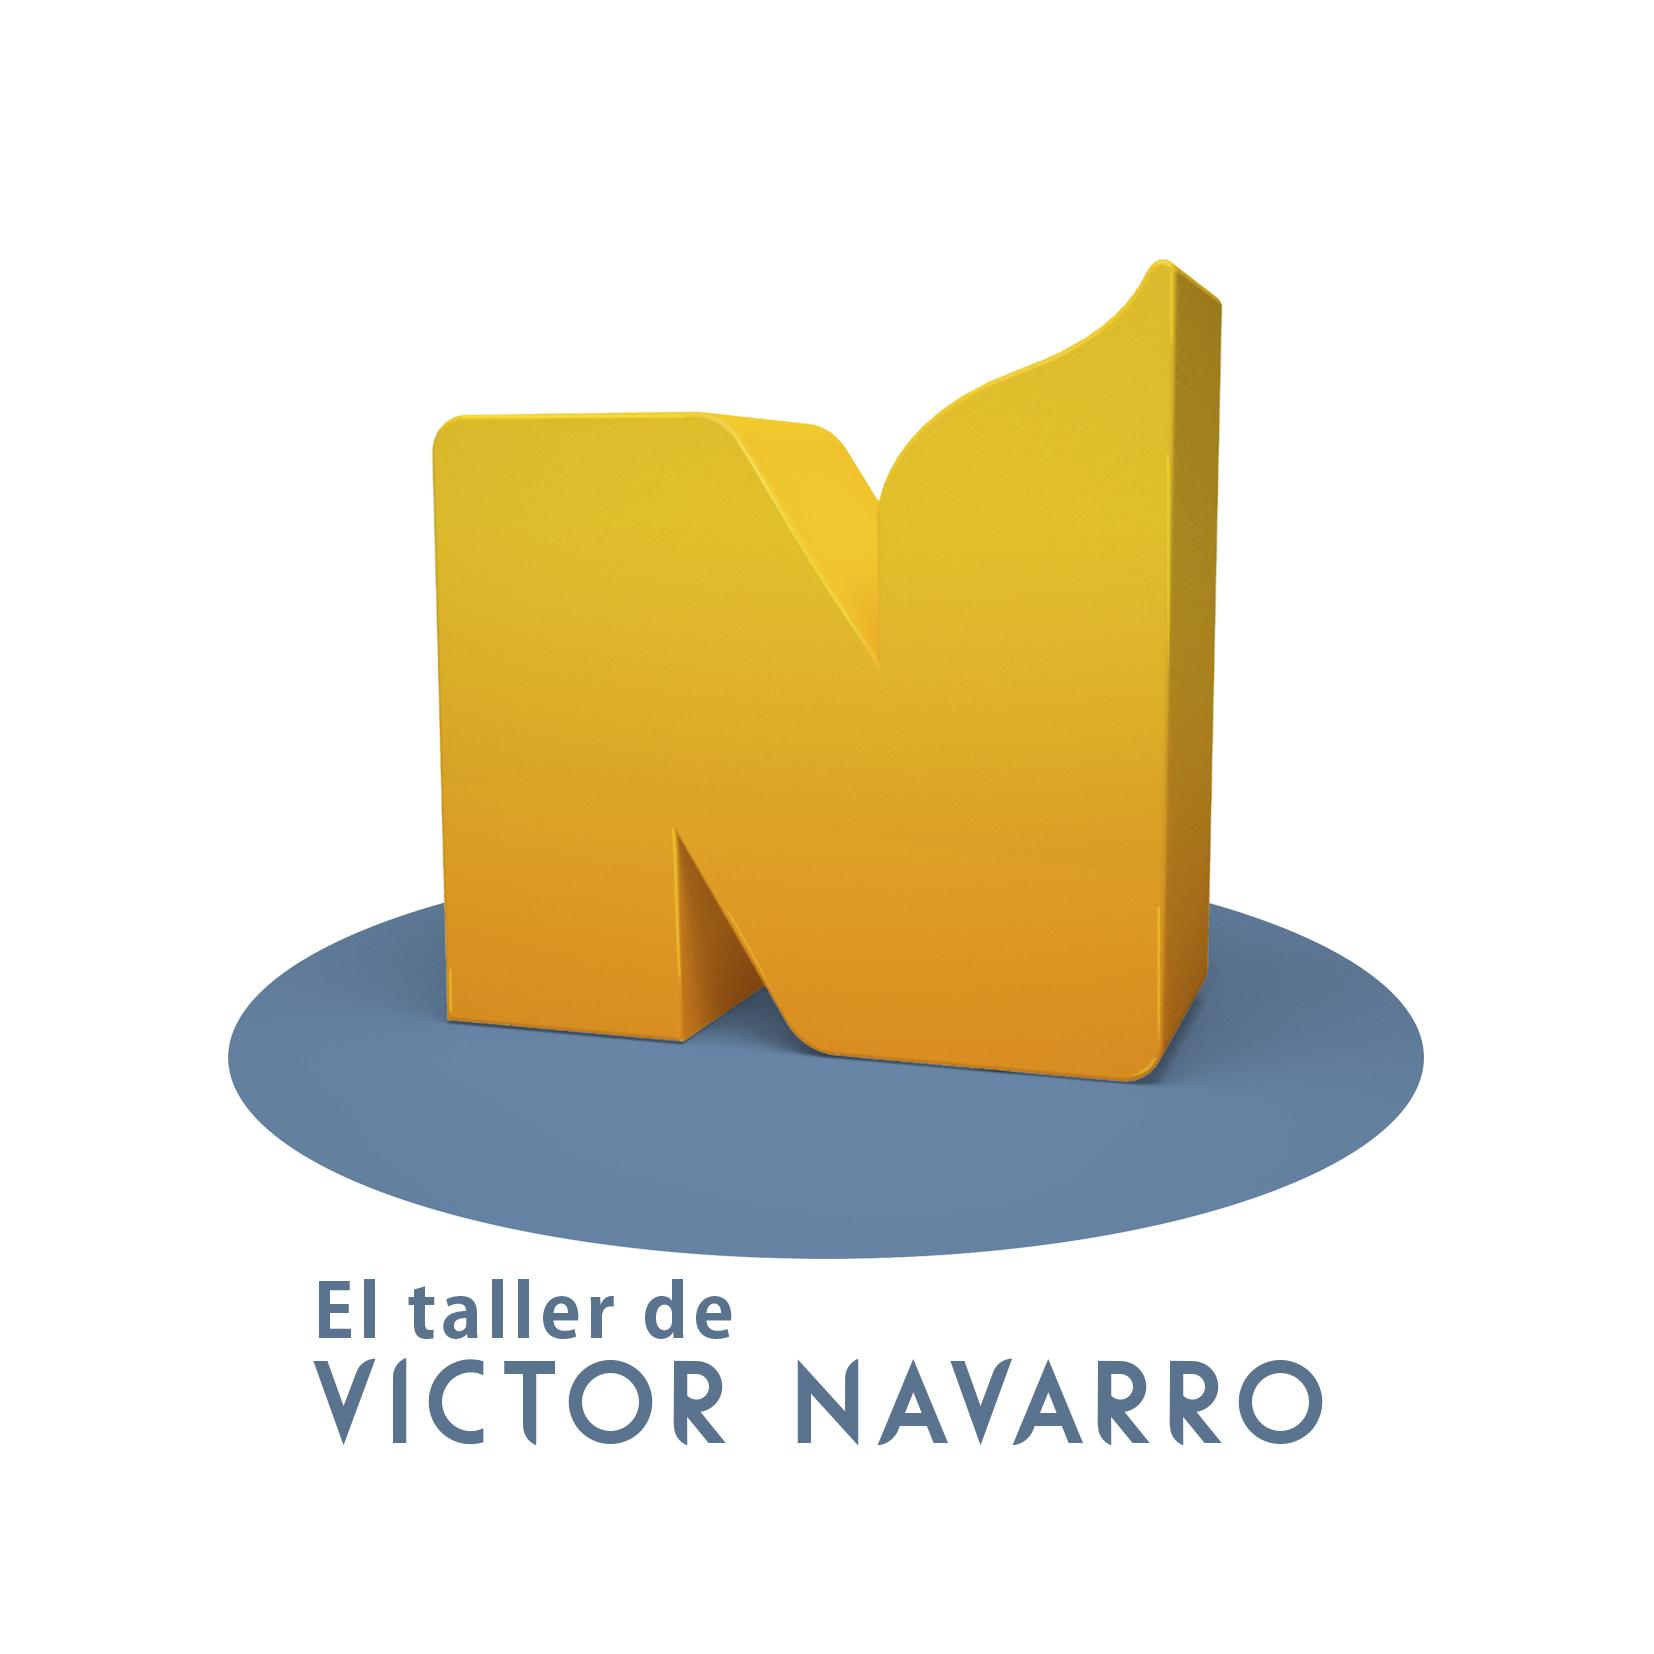 El taller de Víctor Navarro